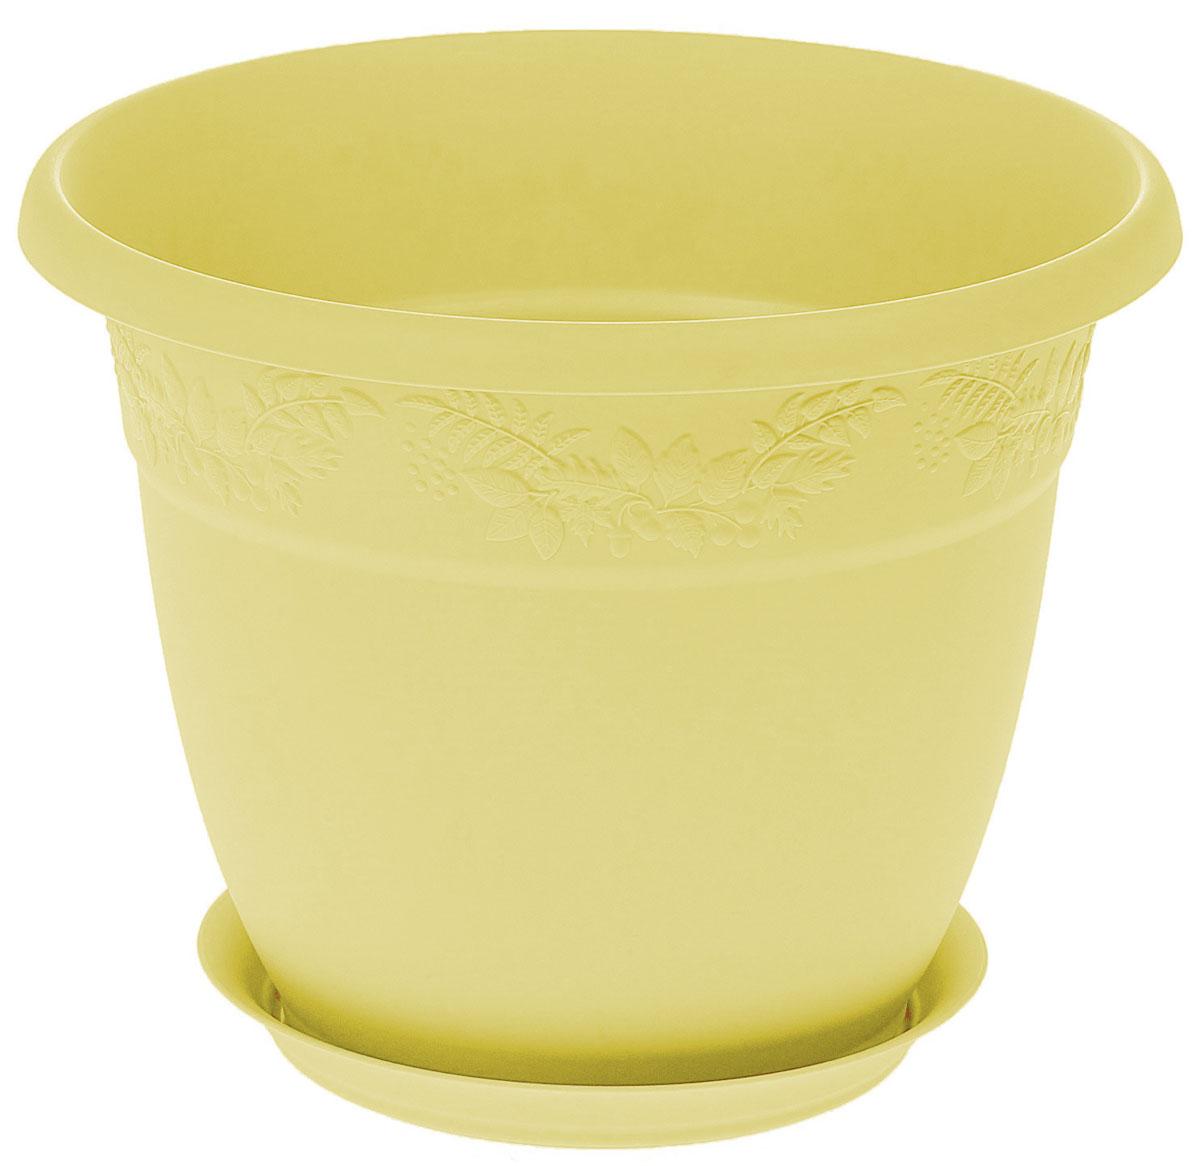 Кашпо Idea Рябина, с поддоном, цвет: банановый, 3,6 лZ-0307Кашпо Idea Рябина изготовлено из высококачественного полипропилена (пластика). Специальный поддон предназначен для стока воды. Изделие прекрасно подходит для выращивания растений и цветов в домашних условиях. Лаконичный дизайн впишется в интерьер любого помещения. Диаметр поддона: 15 см. Объем кашпо: 3,6 л.Диаметр кашпо по верхнему краю: 22 см.Высота кашпо: 17,5 см.